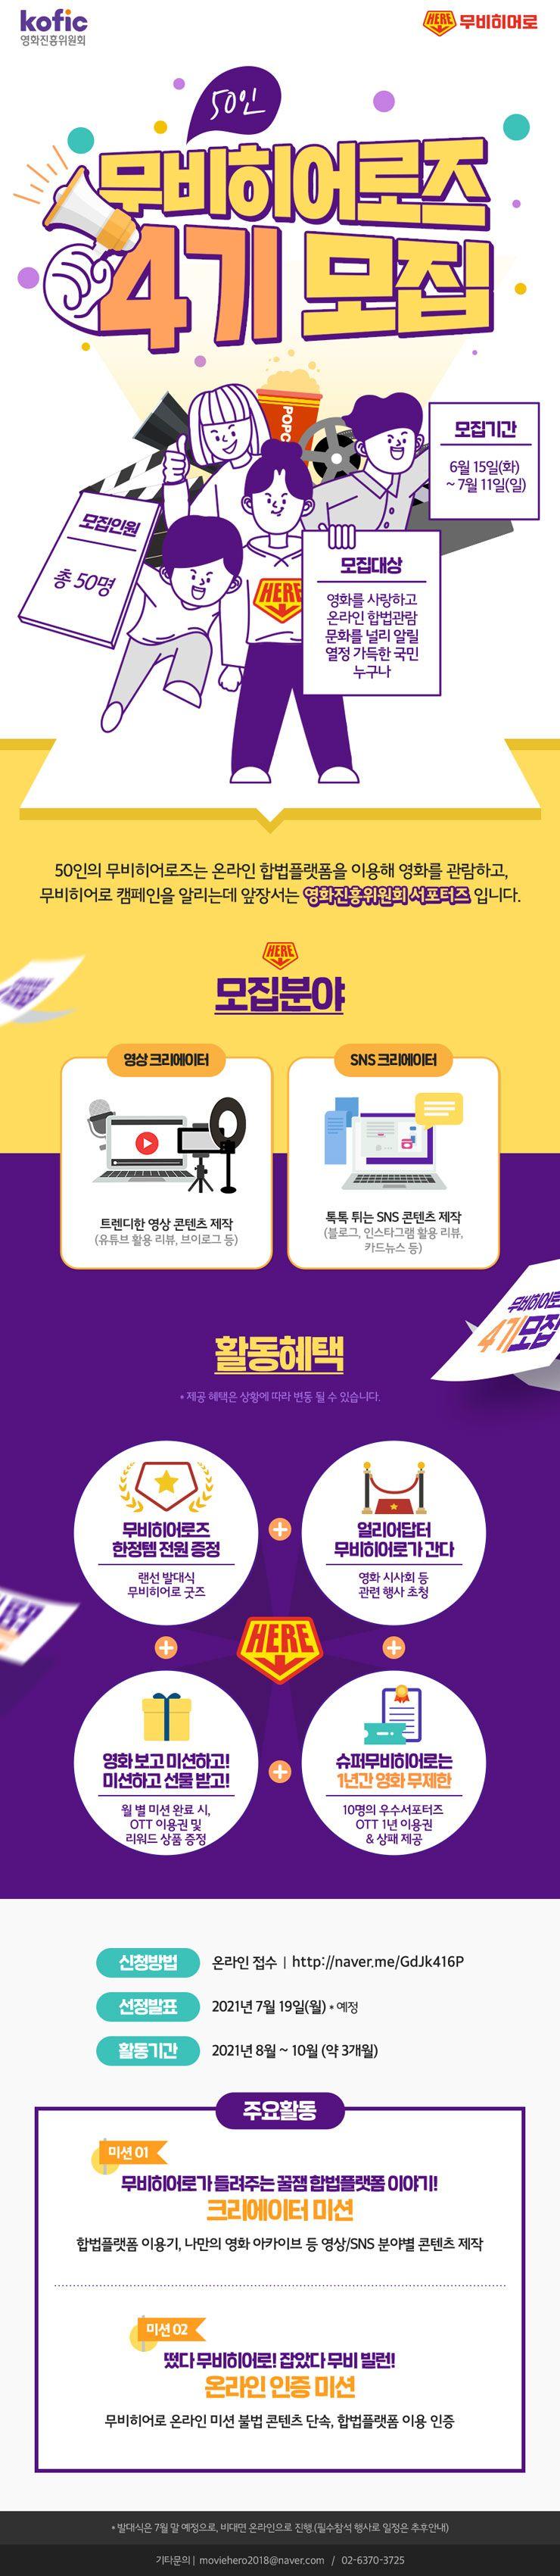 영화진흥위원회 50인의 무비히어로즈 4기 모집